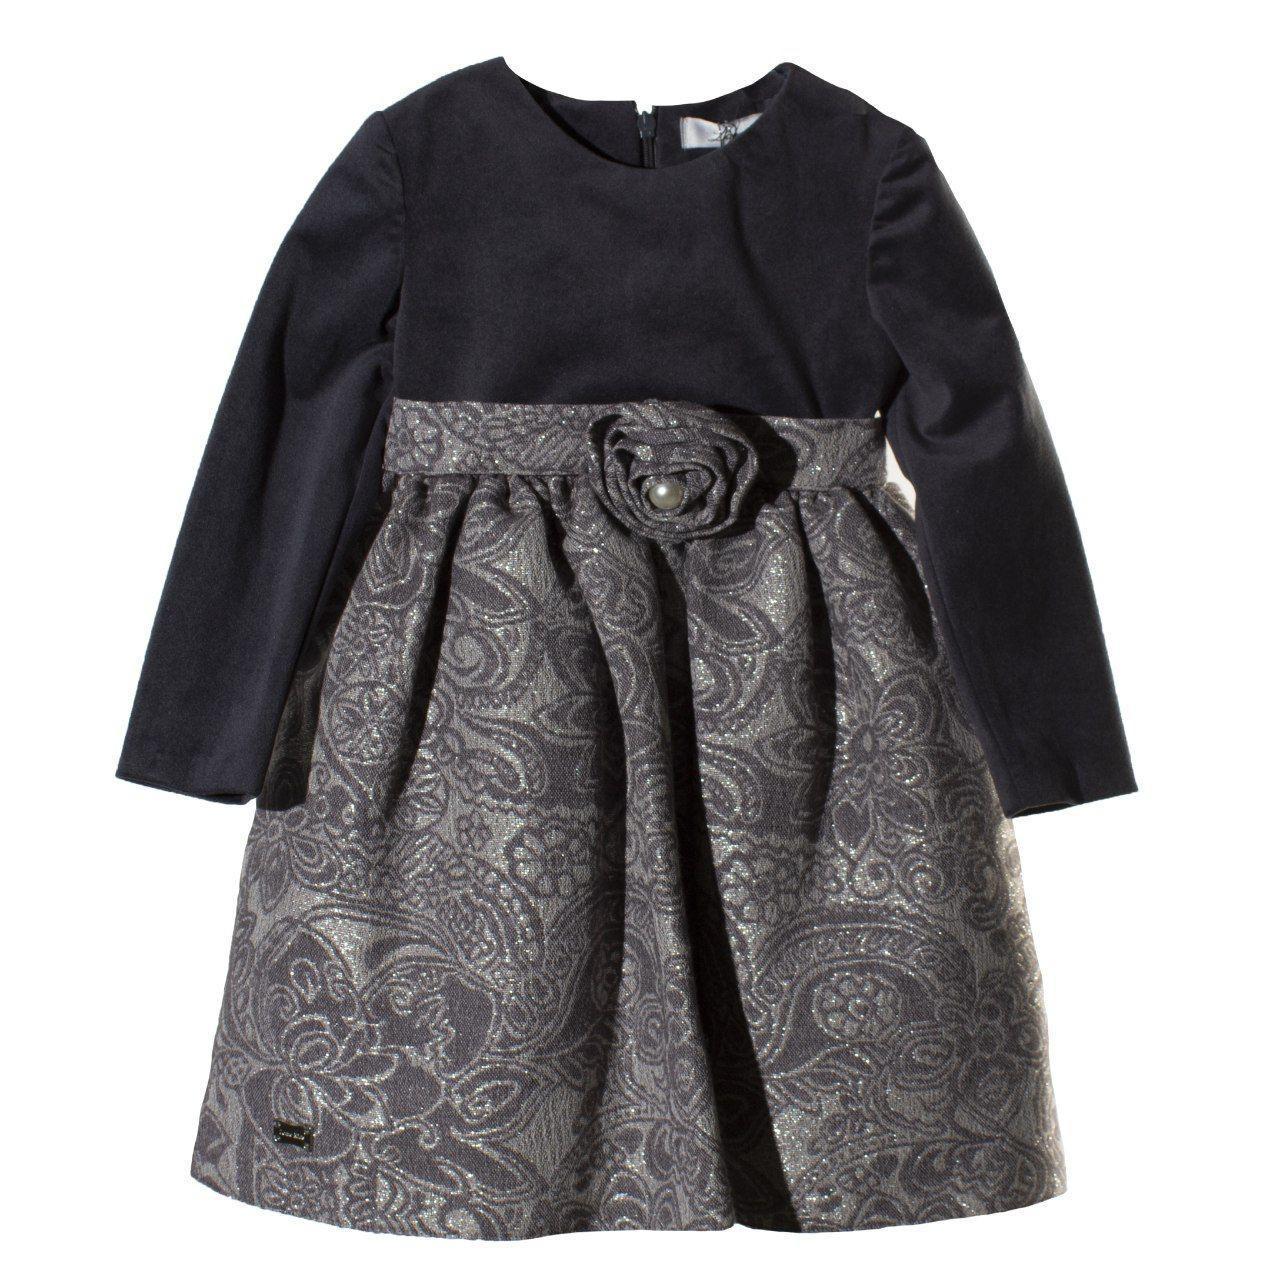 Нарядное платье для девочки, размеры 3, 4 года